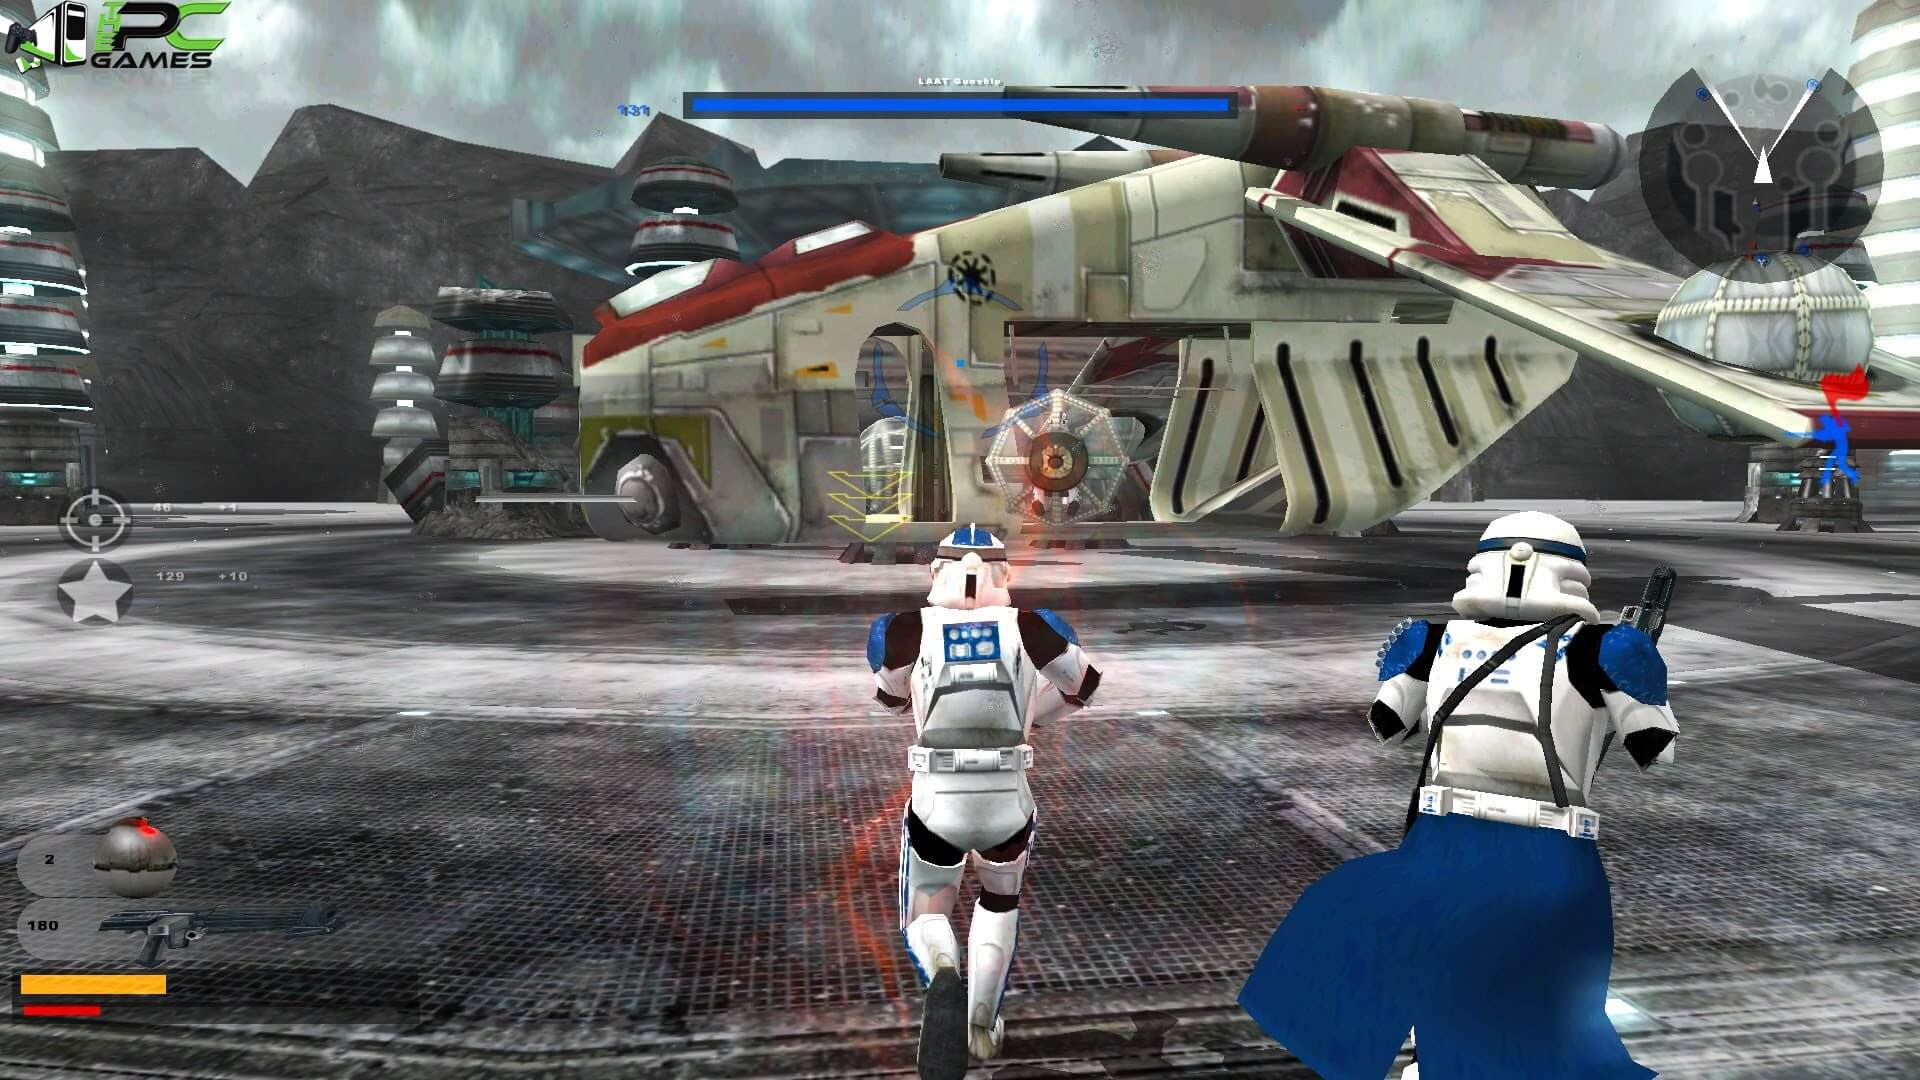 starwars 2 download pc battlefront